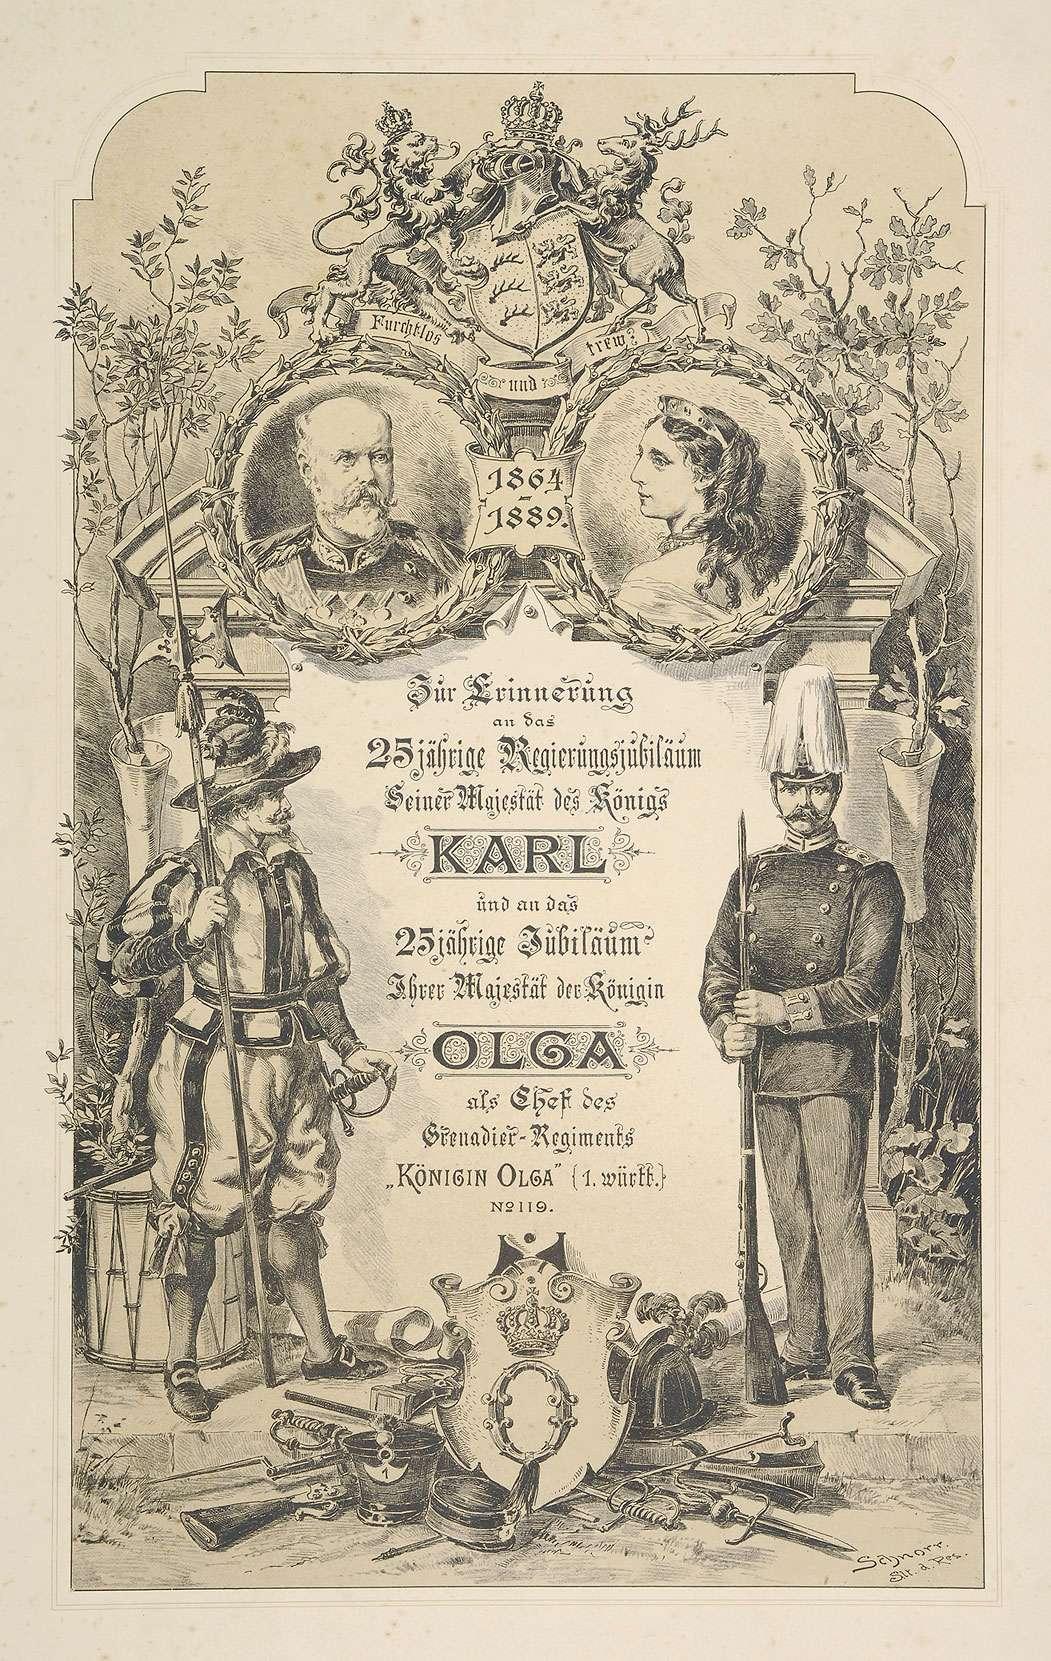 Ornamentiertes Titelblatt einer Bildersammlung als Geschenk zur Ehrung Königin Olga von Württemberg zum 25-jährigen Jubiläum als Chefin des Regiments und Dienstjubiläum König Karls von Württemberg, 1889, Bild 1